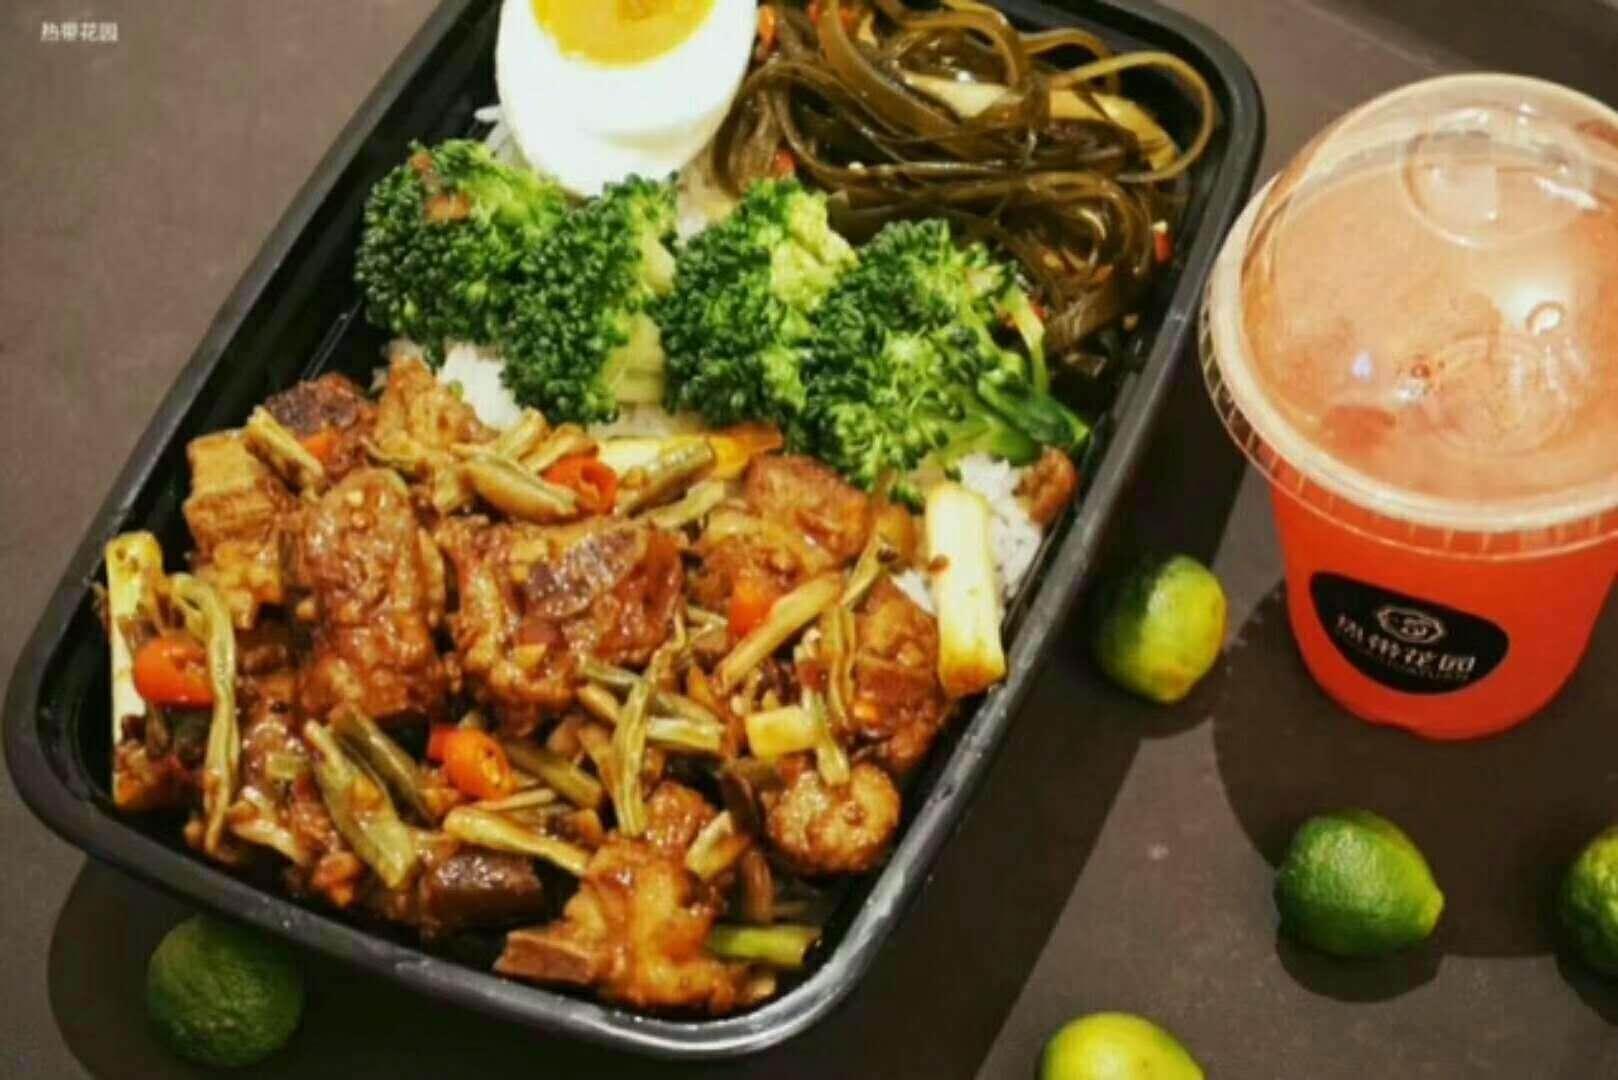 美味美胃一步到位,凤阳首家私房便当,8号便当带给你不一样的口